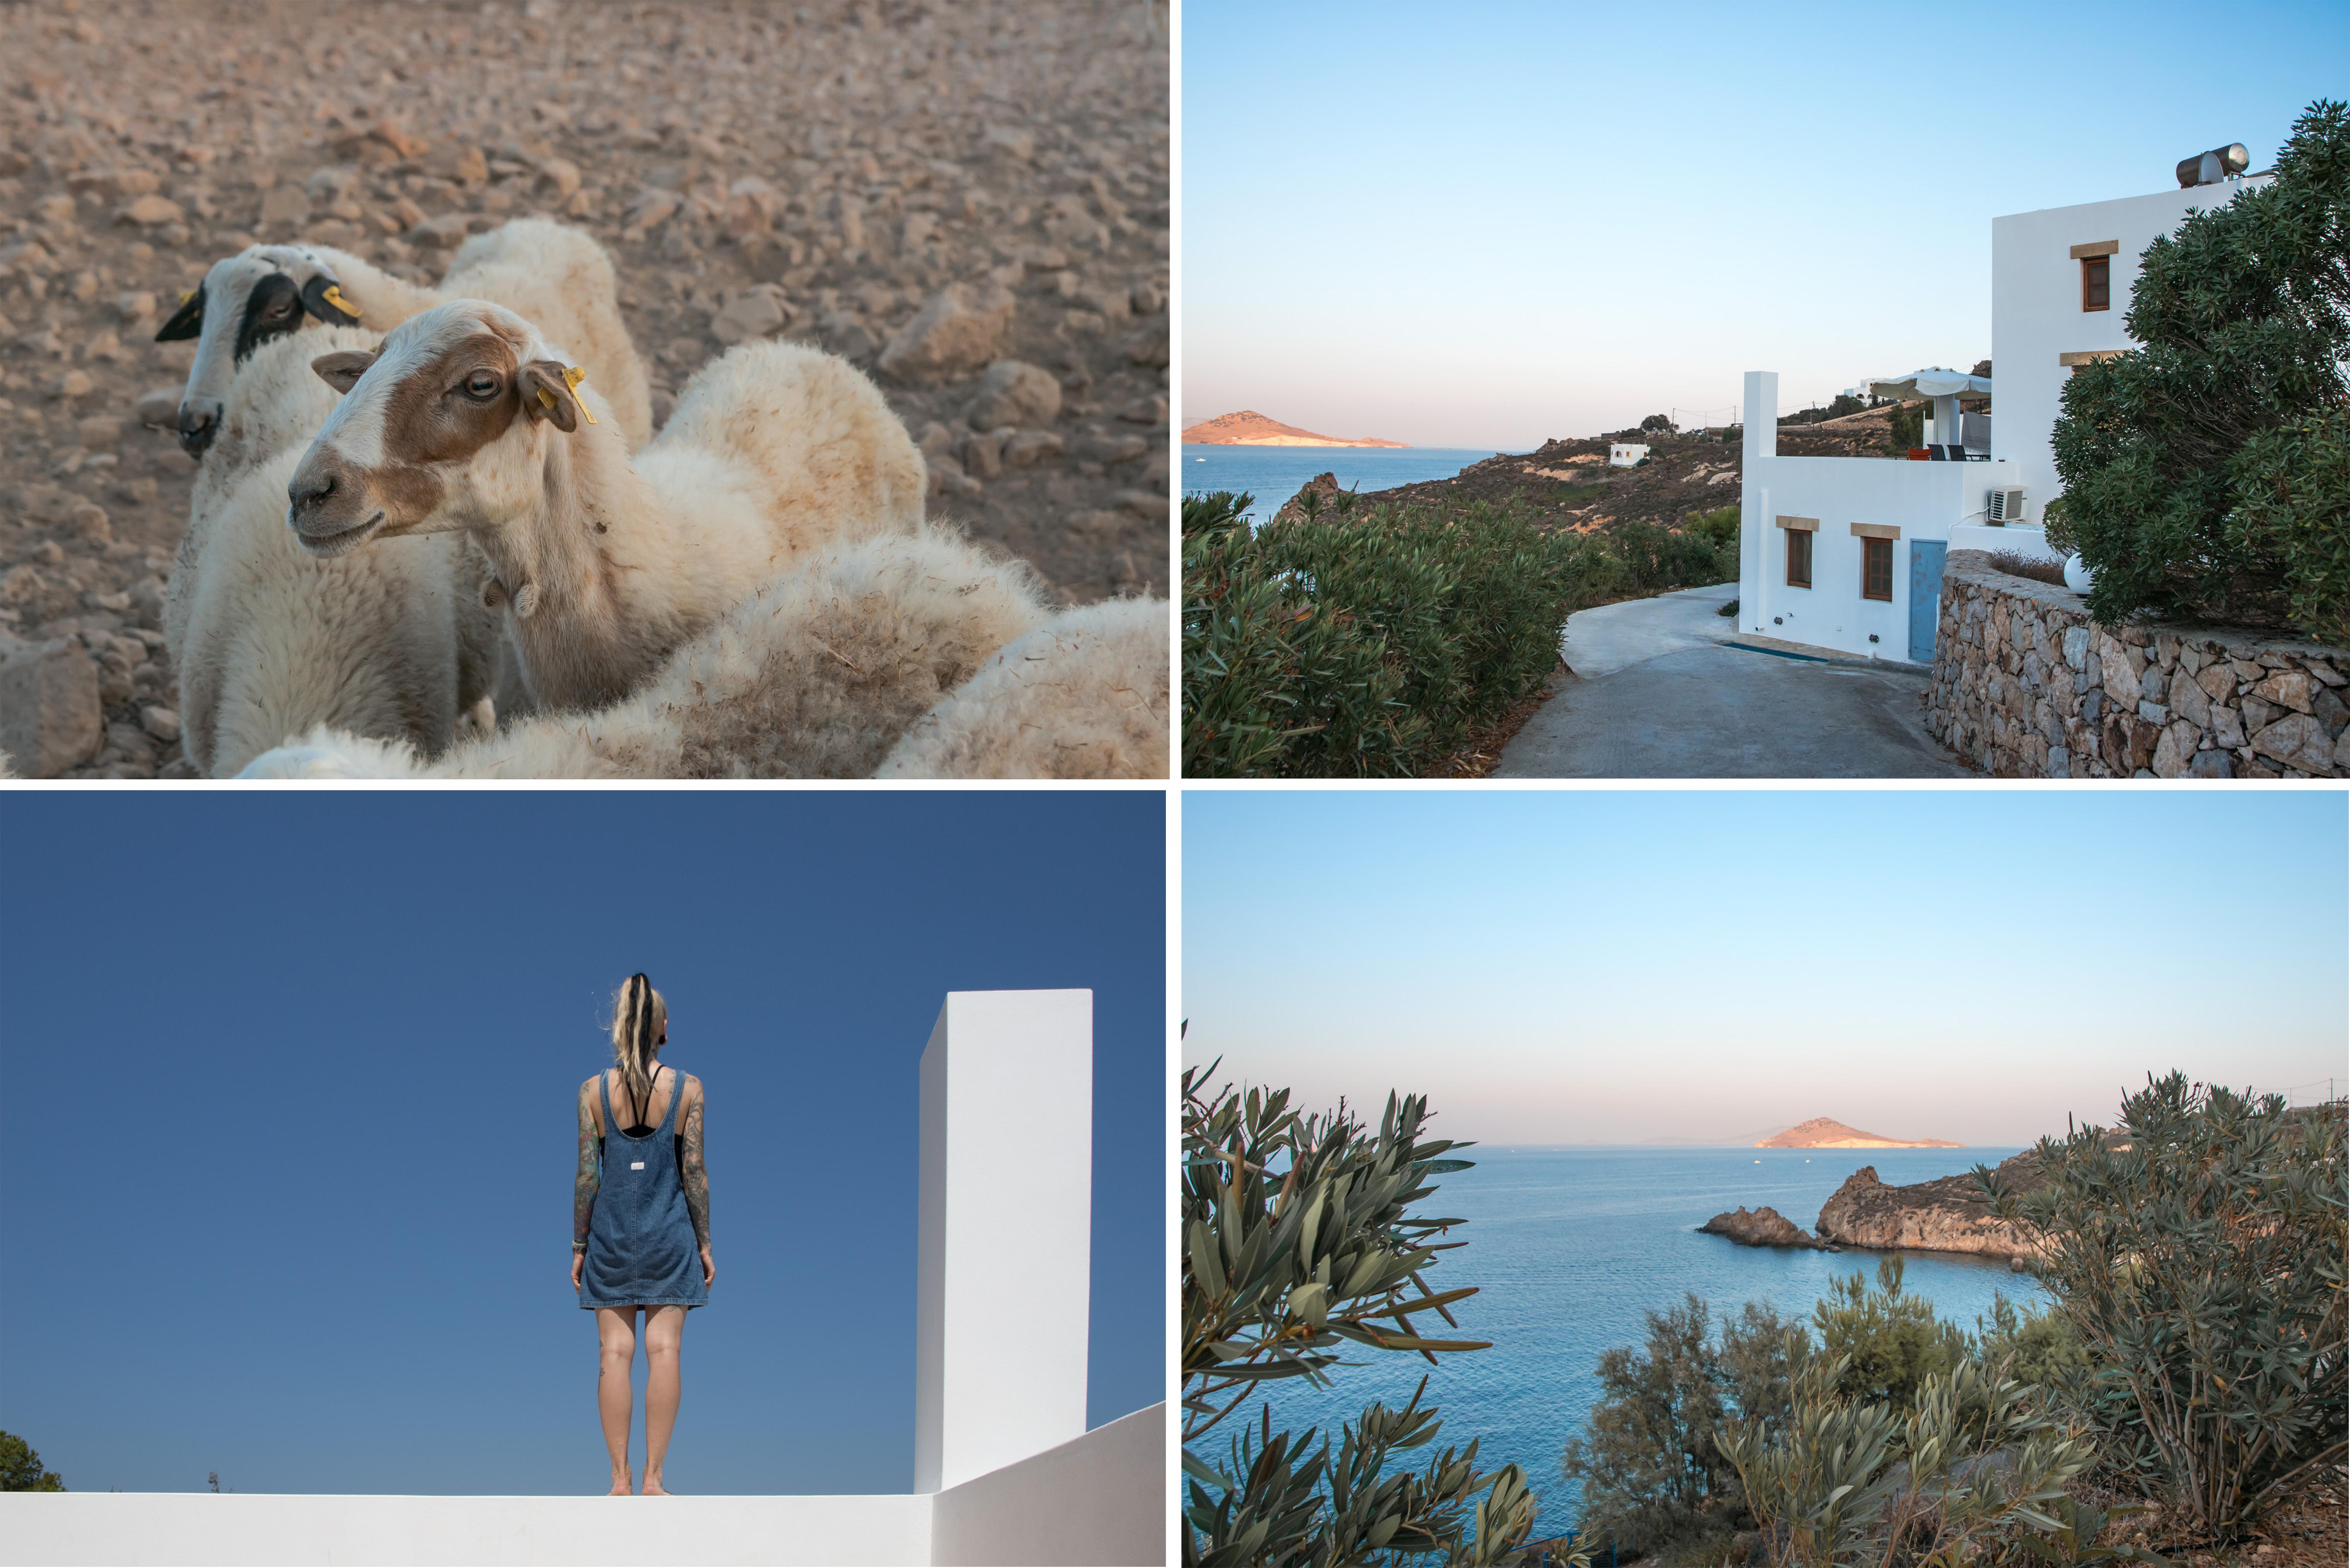 Patmos Garden Sea Apartments mit Kerstin und Schafen